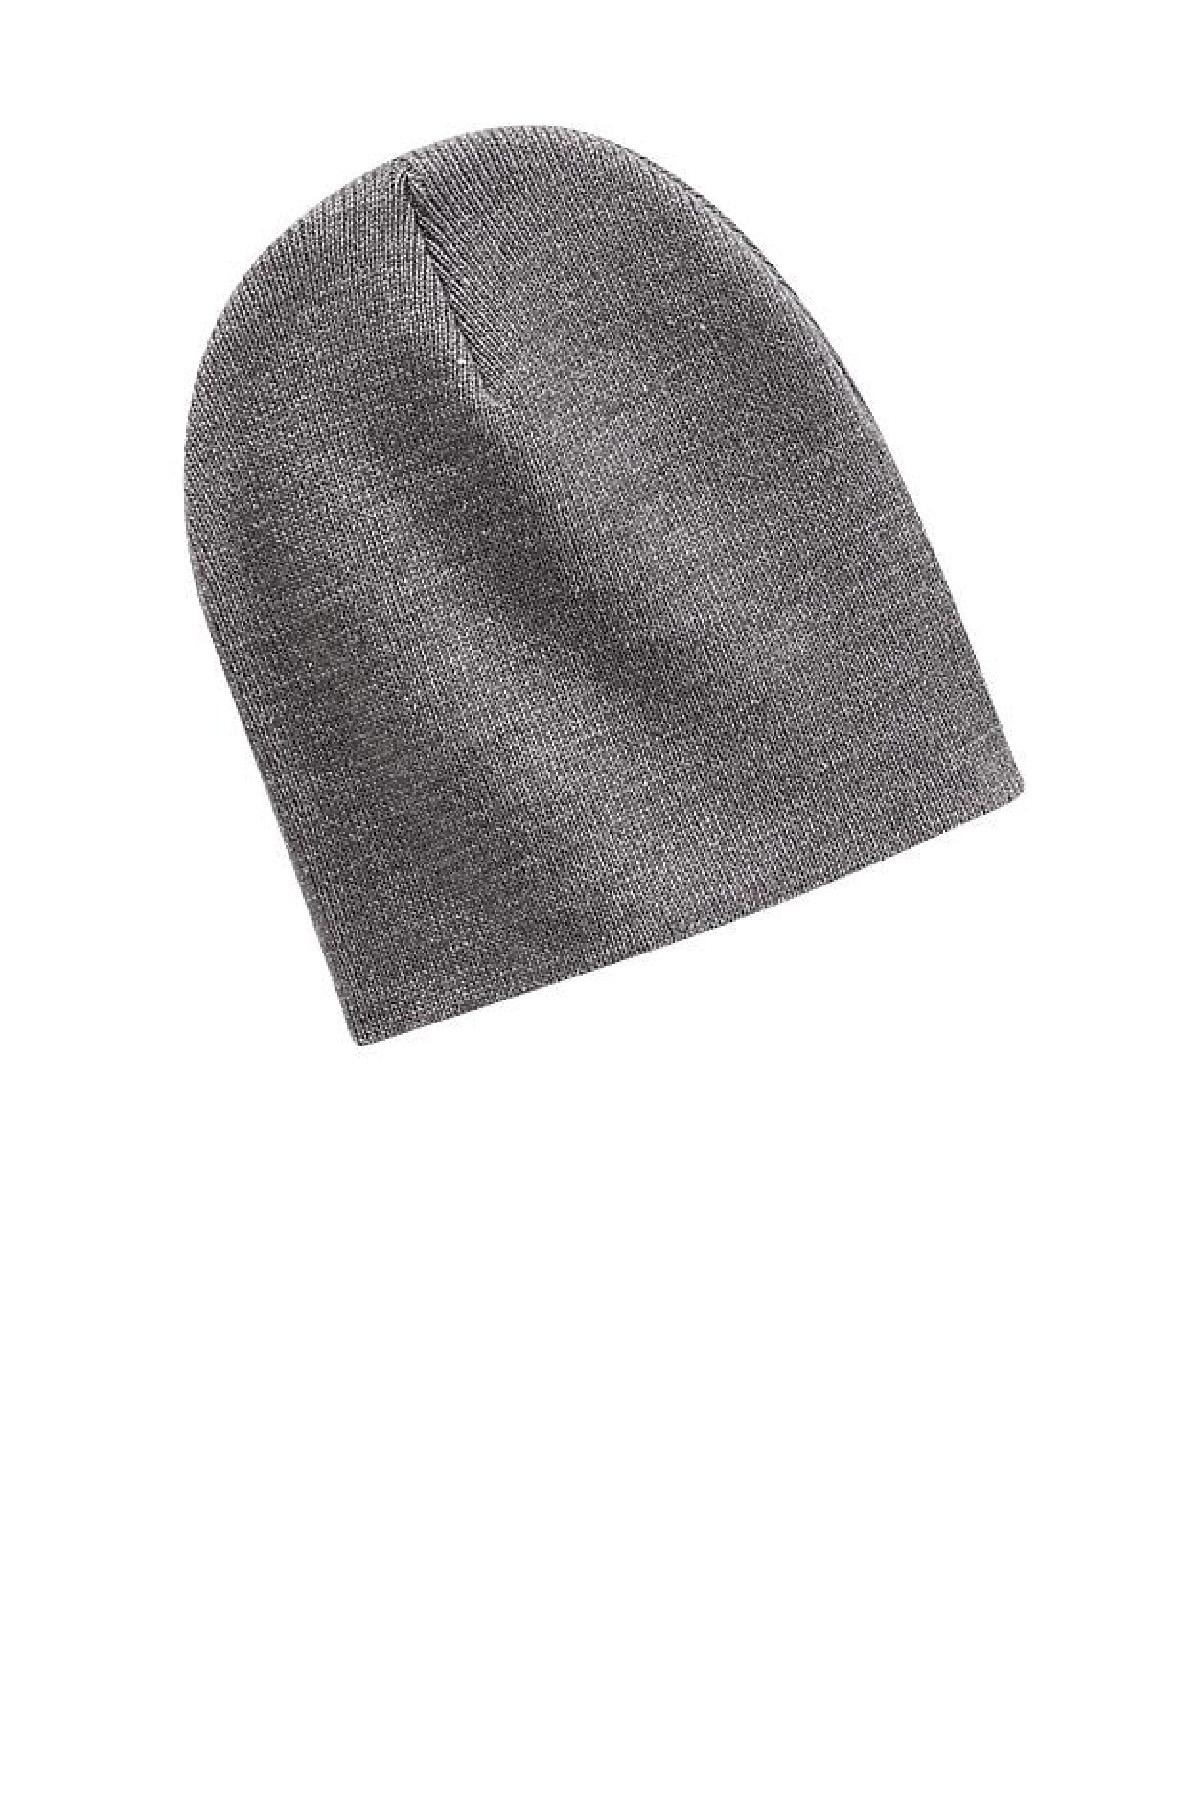 Port /& Company Knit Skull Cap OSFA Stone